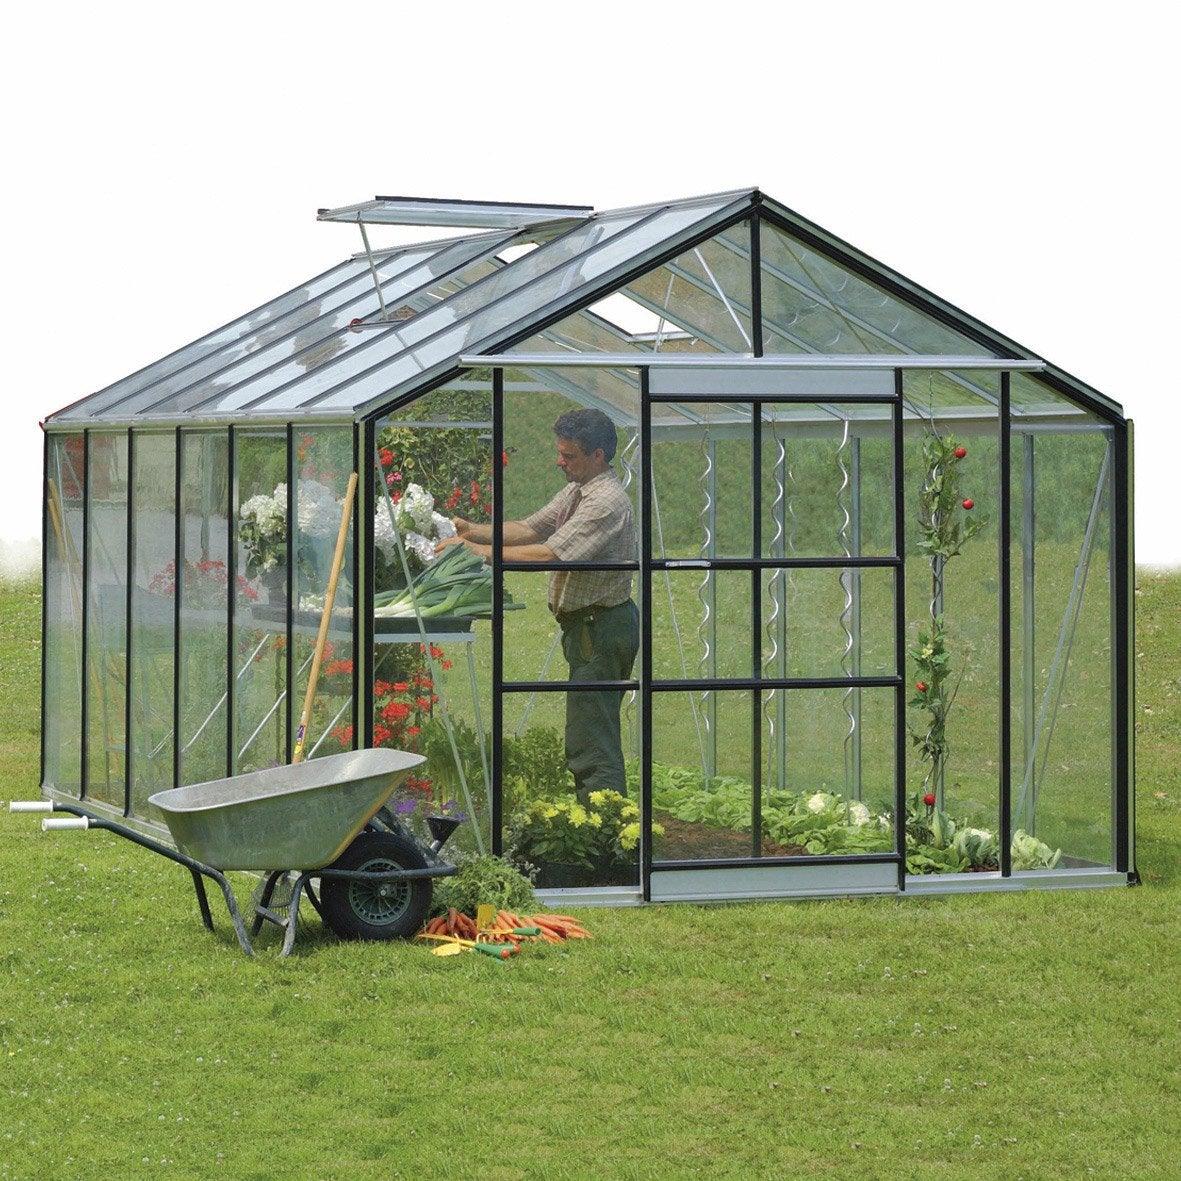 Serre de jardin avec verre tremp acd affinity gar12n 13 - Accessoires serre de jardin ...